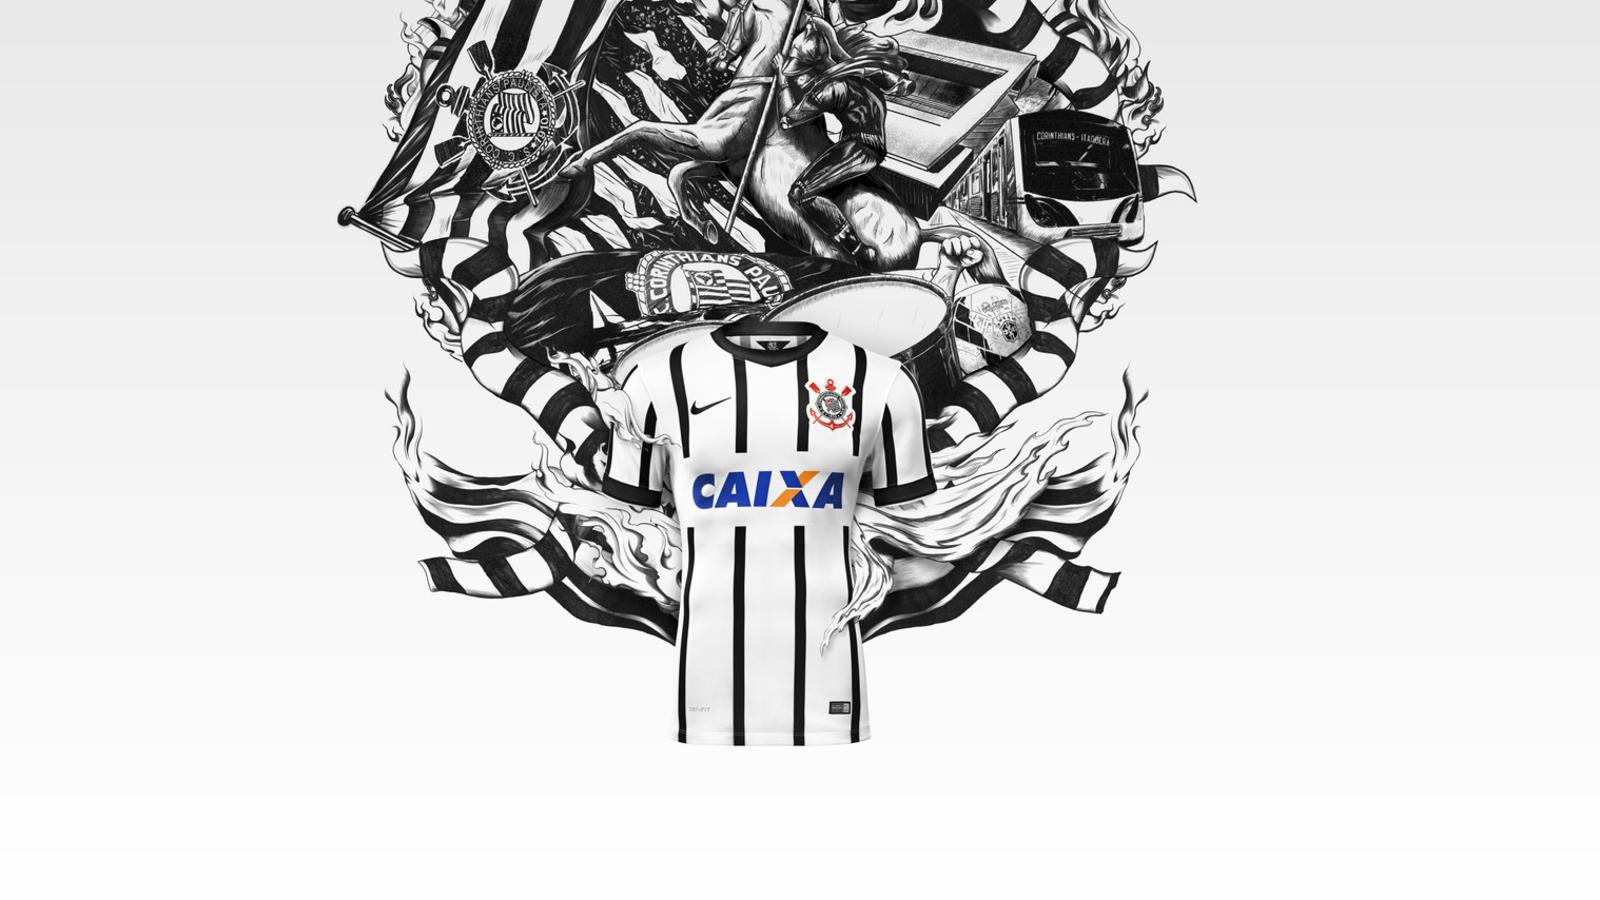 Década de 70 Inspira Novos Uniformes do Timão Criados pela Nike ... cc44491fa4a